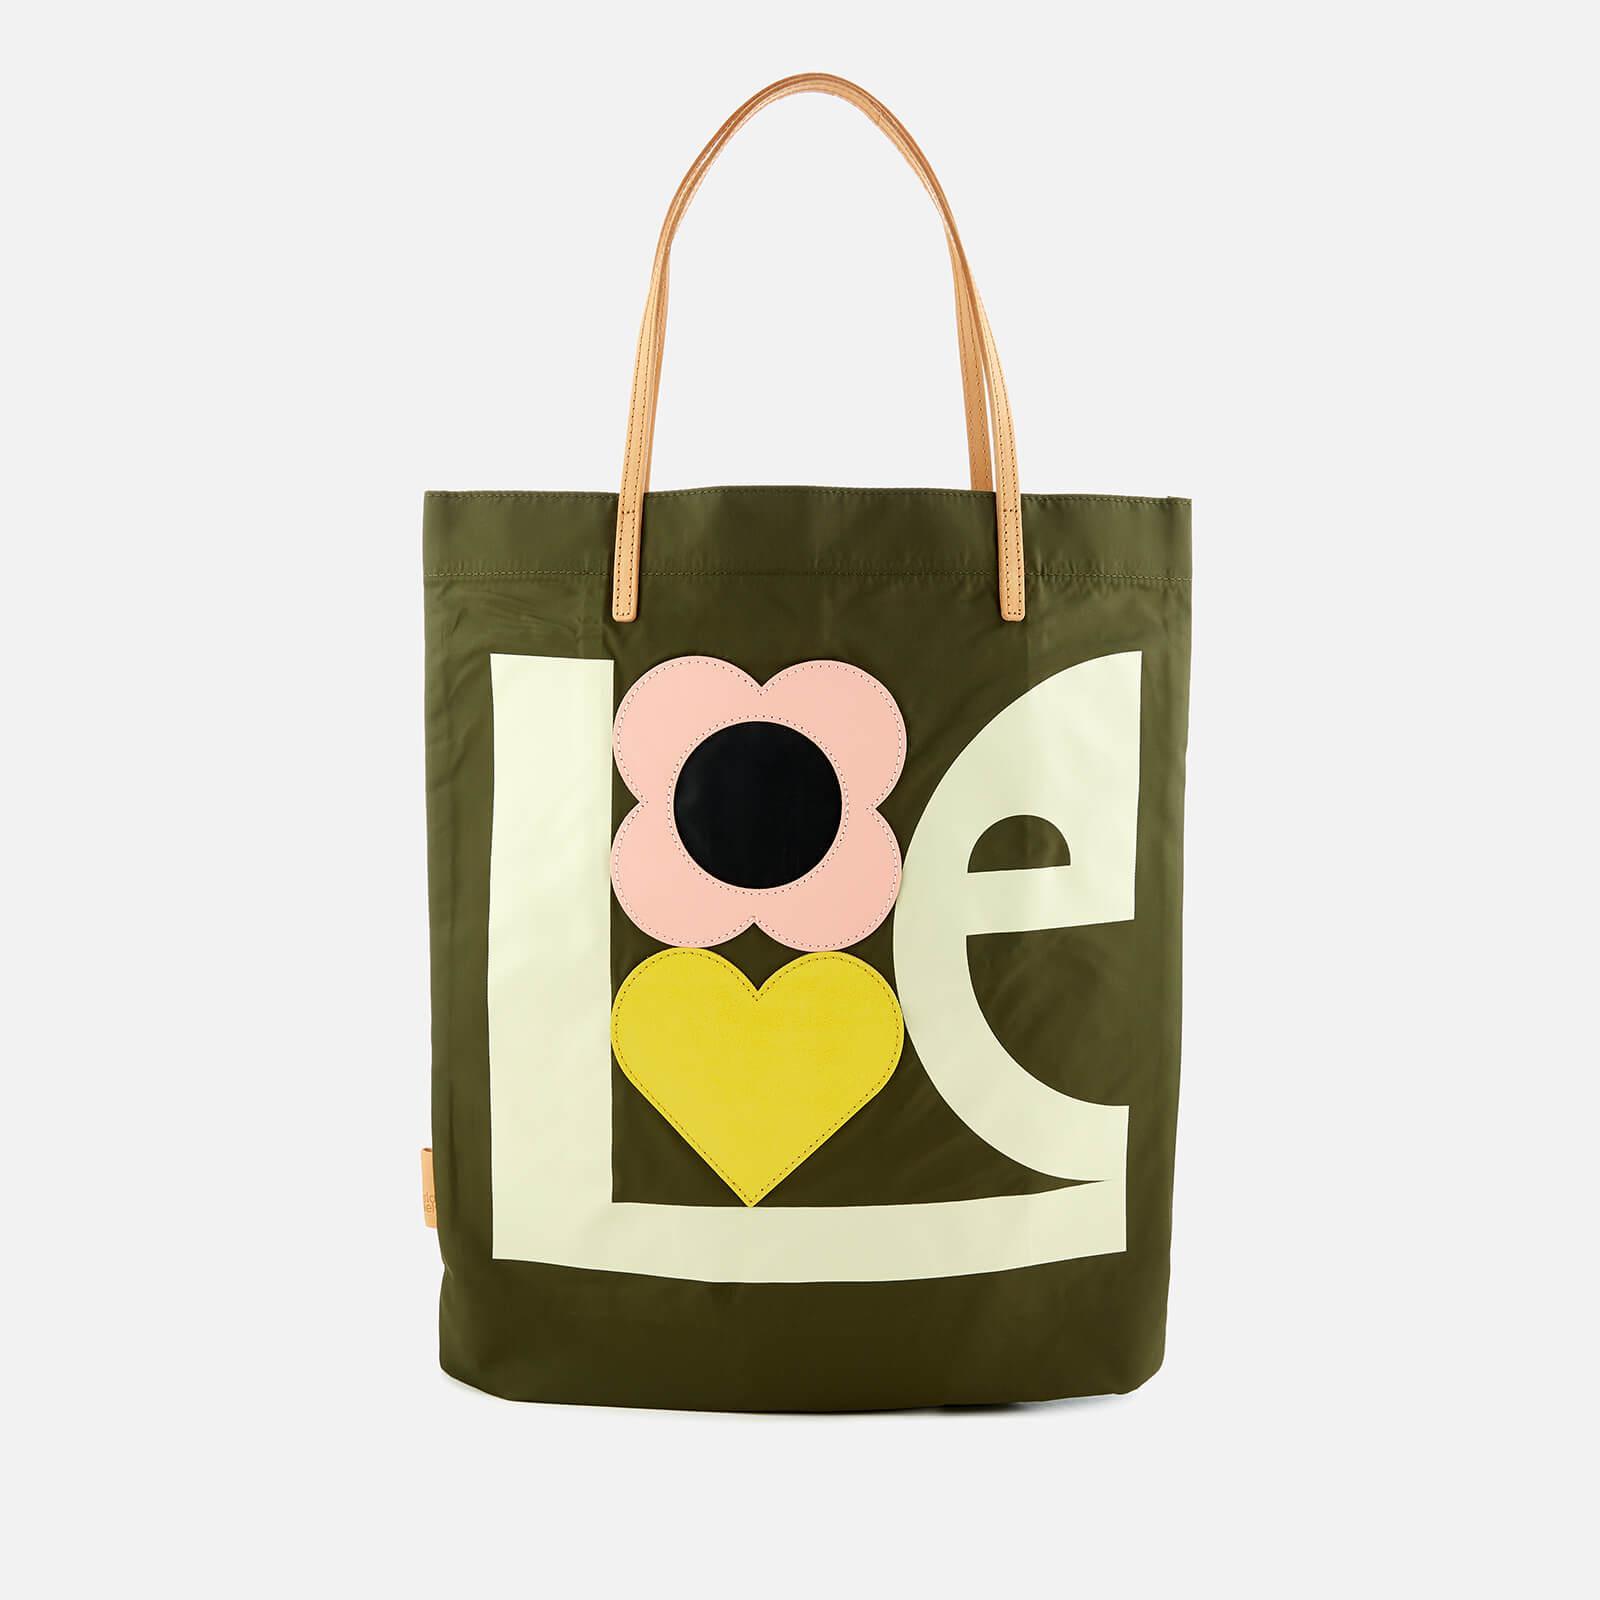 35b23e013ccd Orla Kiely Love Print Applique Nylon Tote Bag in Green - Lyst